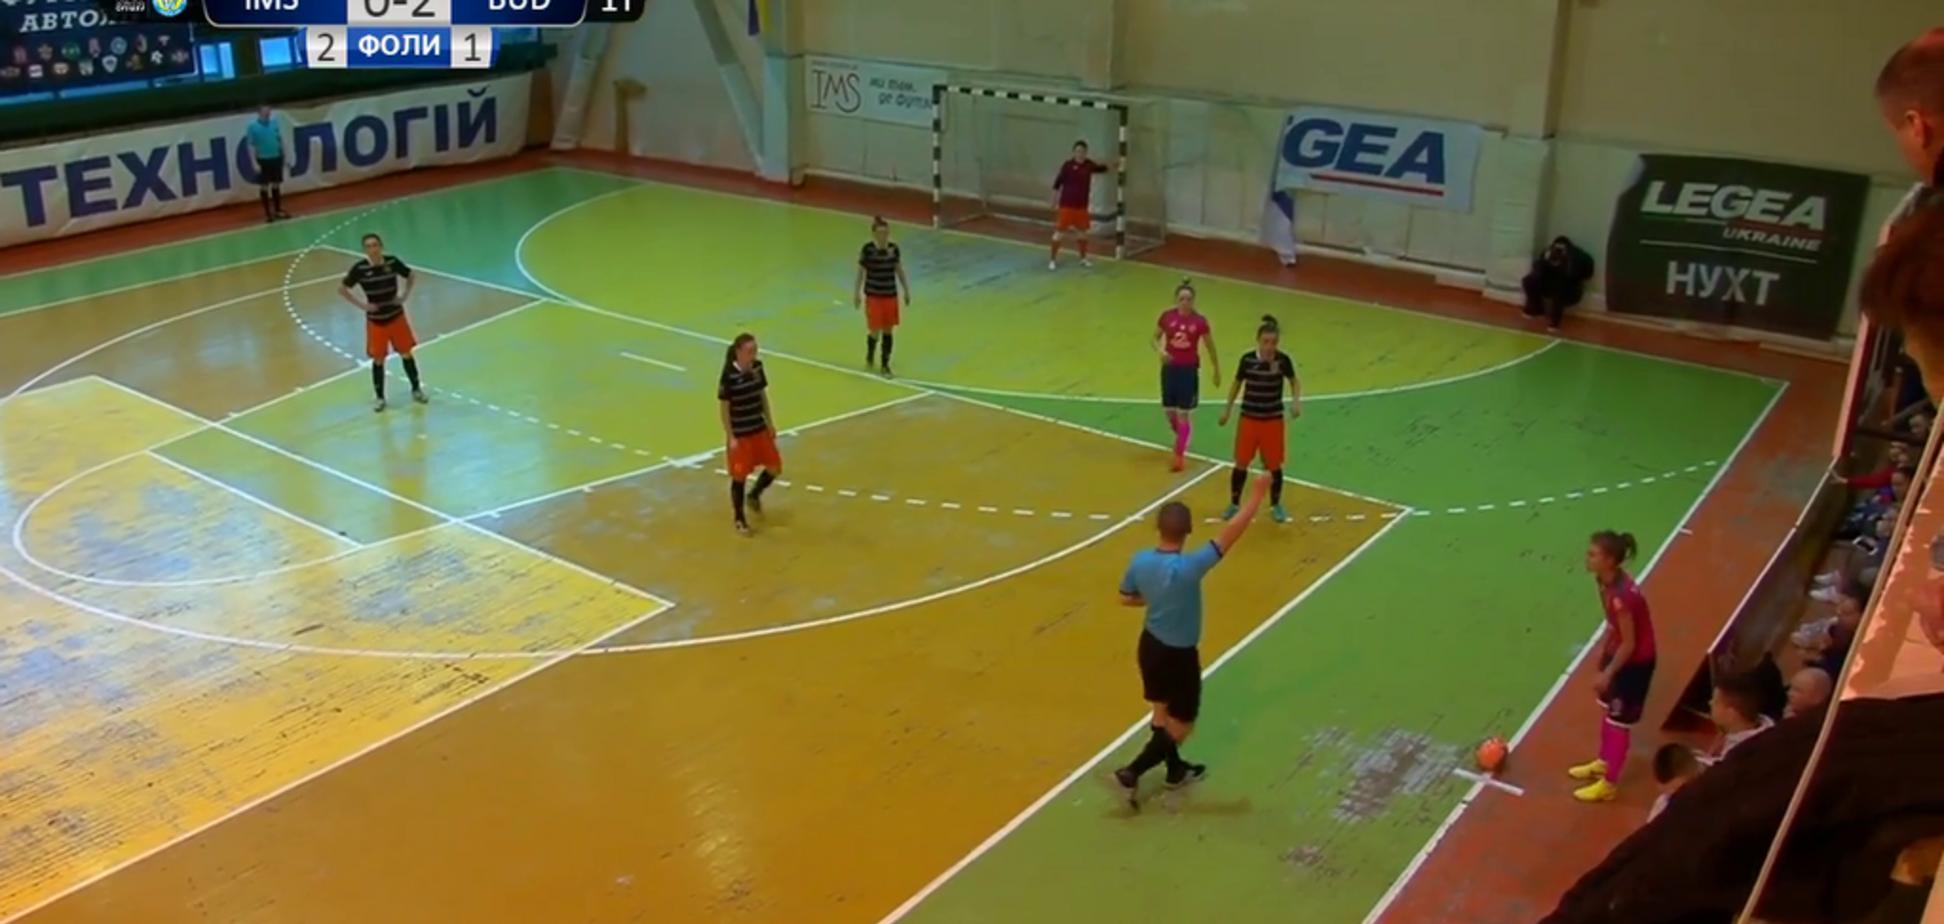 Кулаком в голову: футзалистка сборной Украины напала на тренера во время матча — опубликовано видео